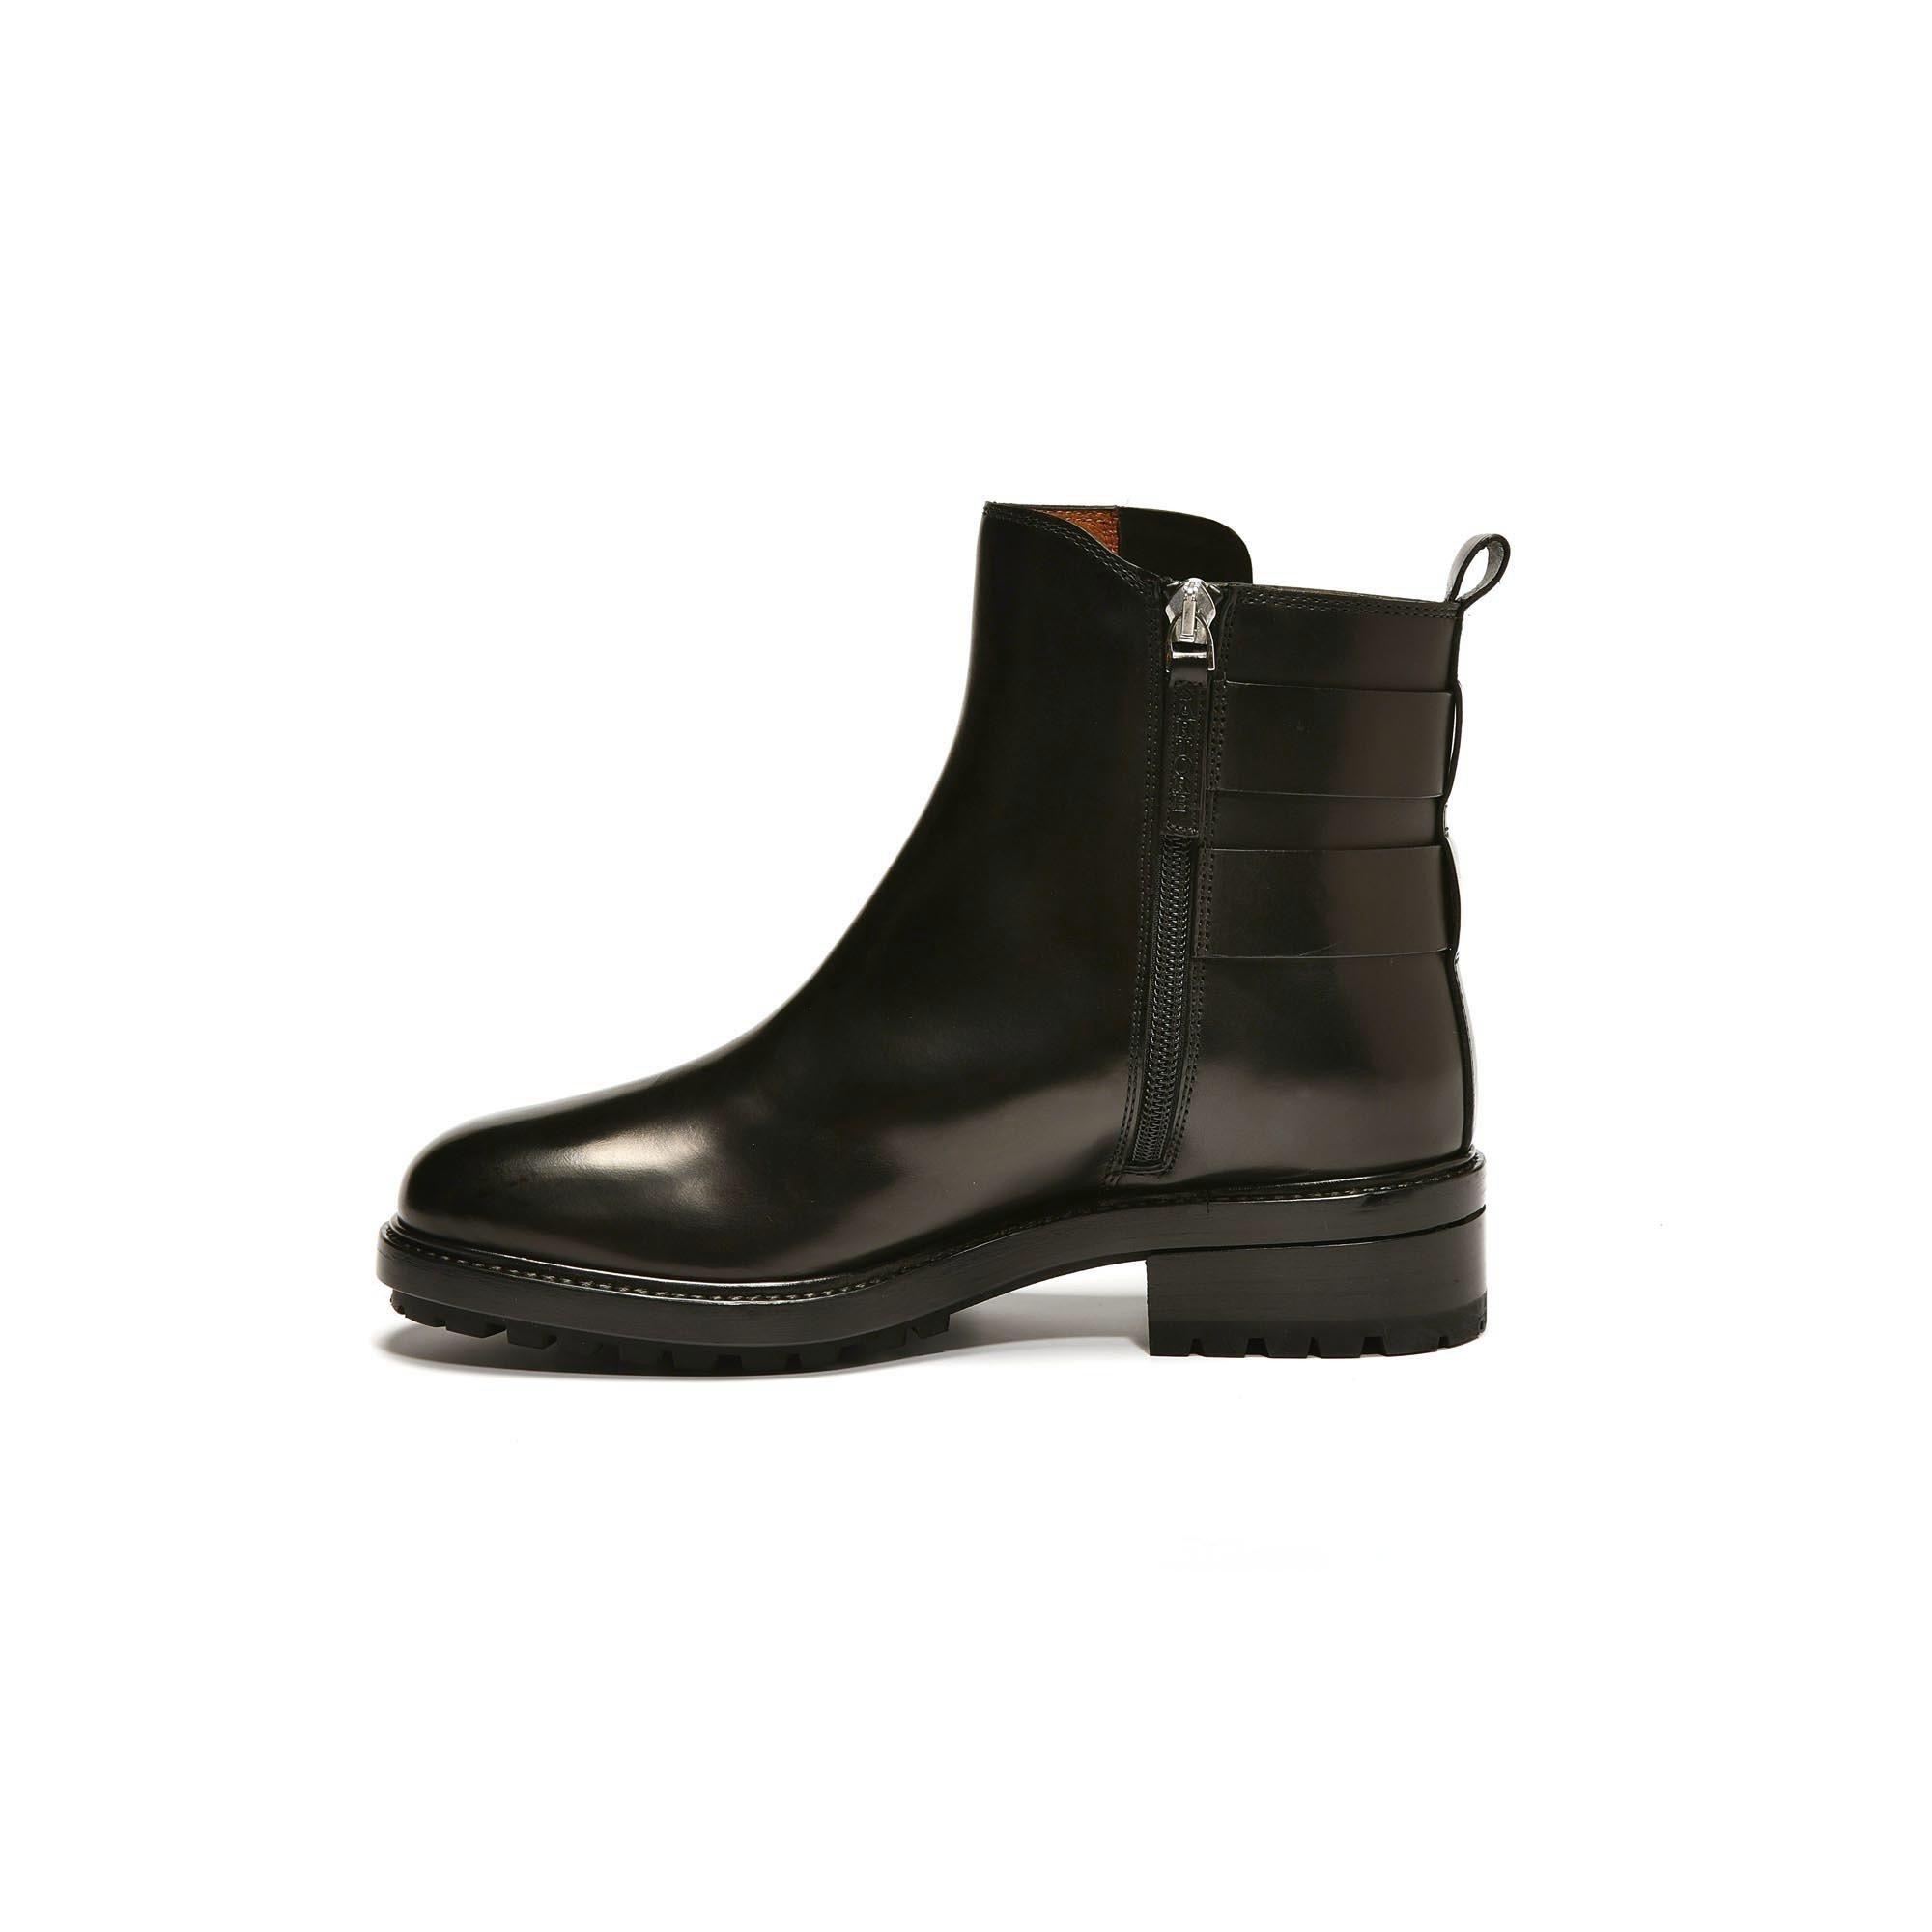 3453  Boots noires pattes Sartore